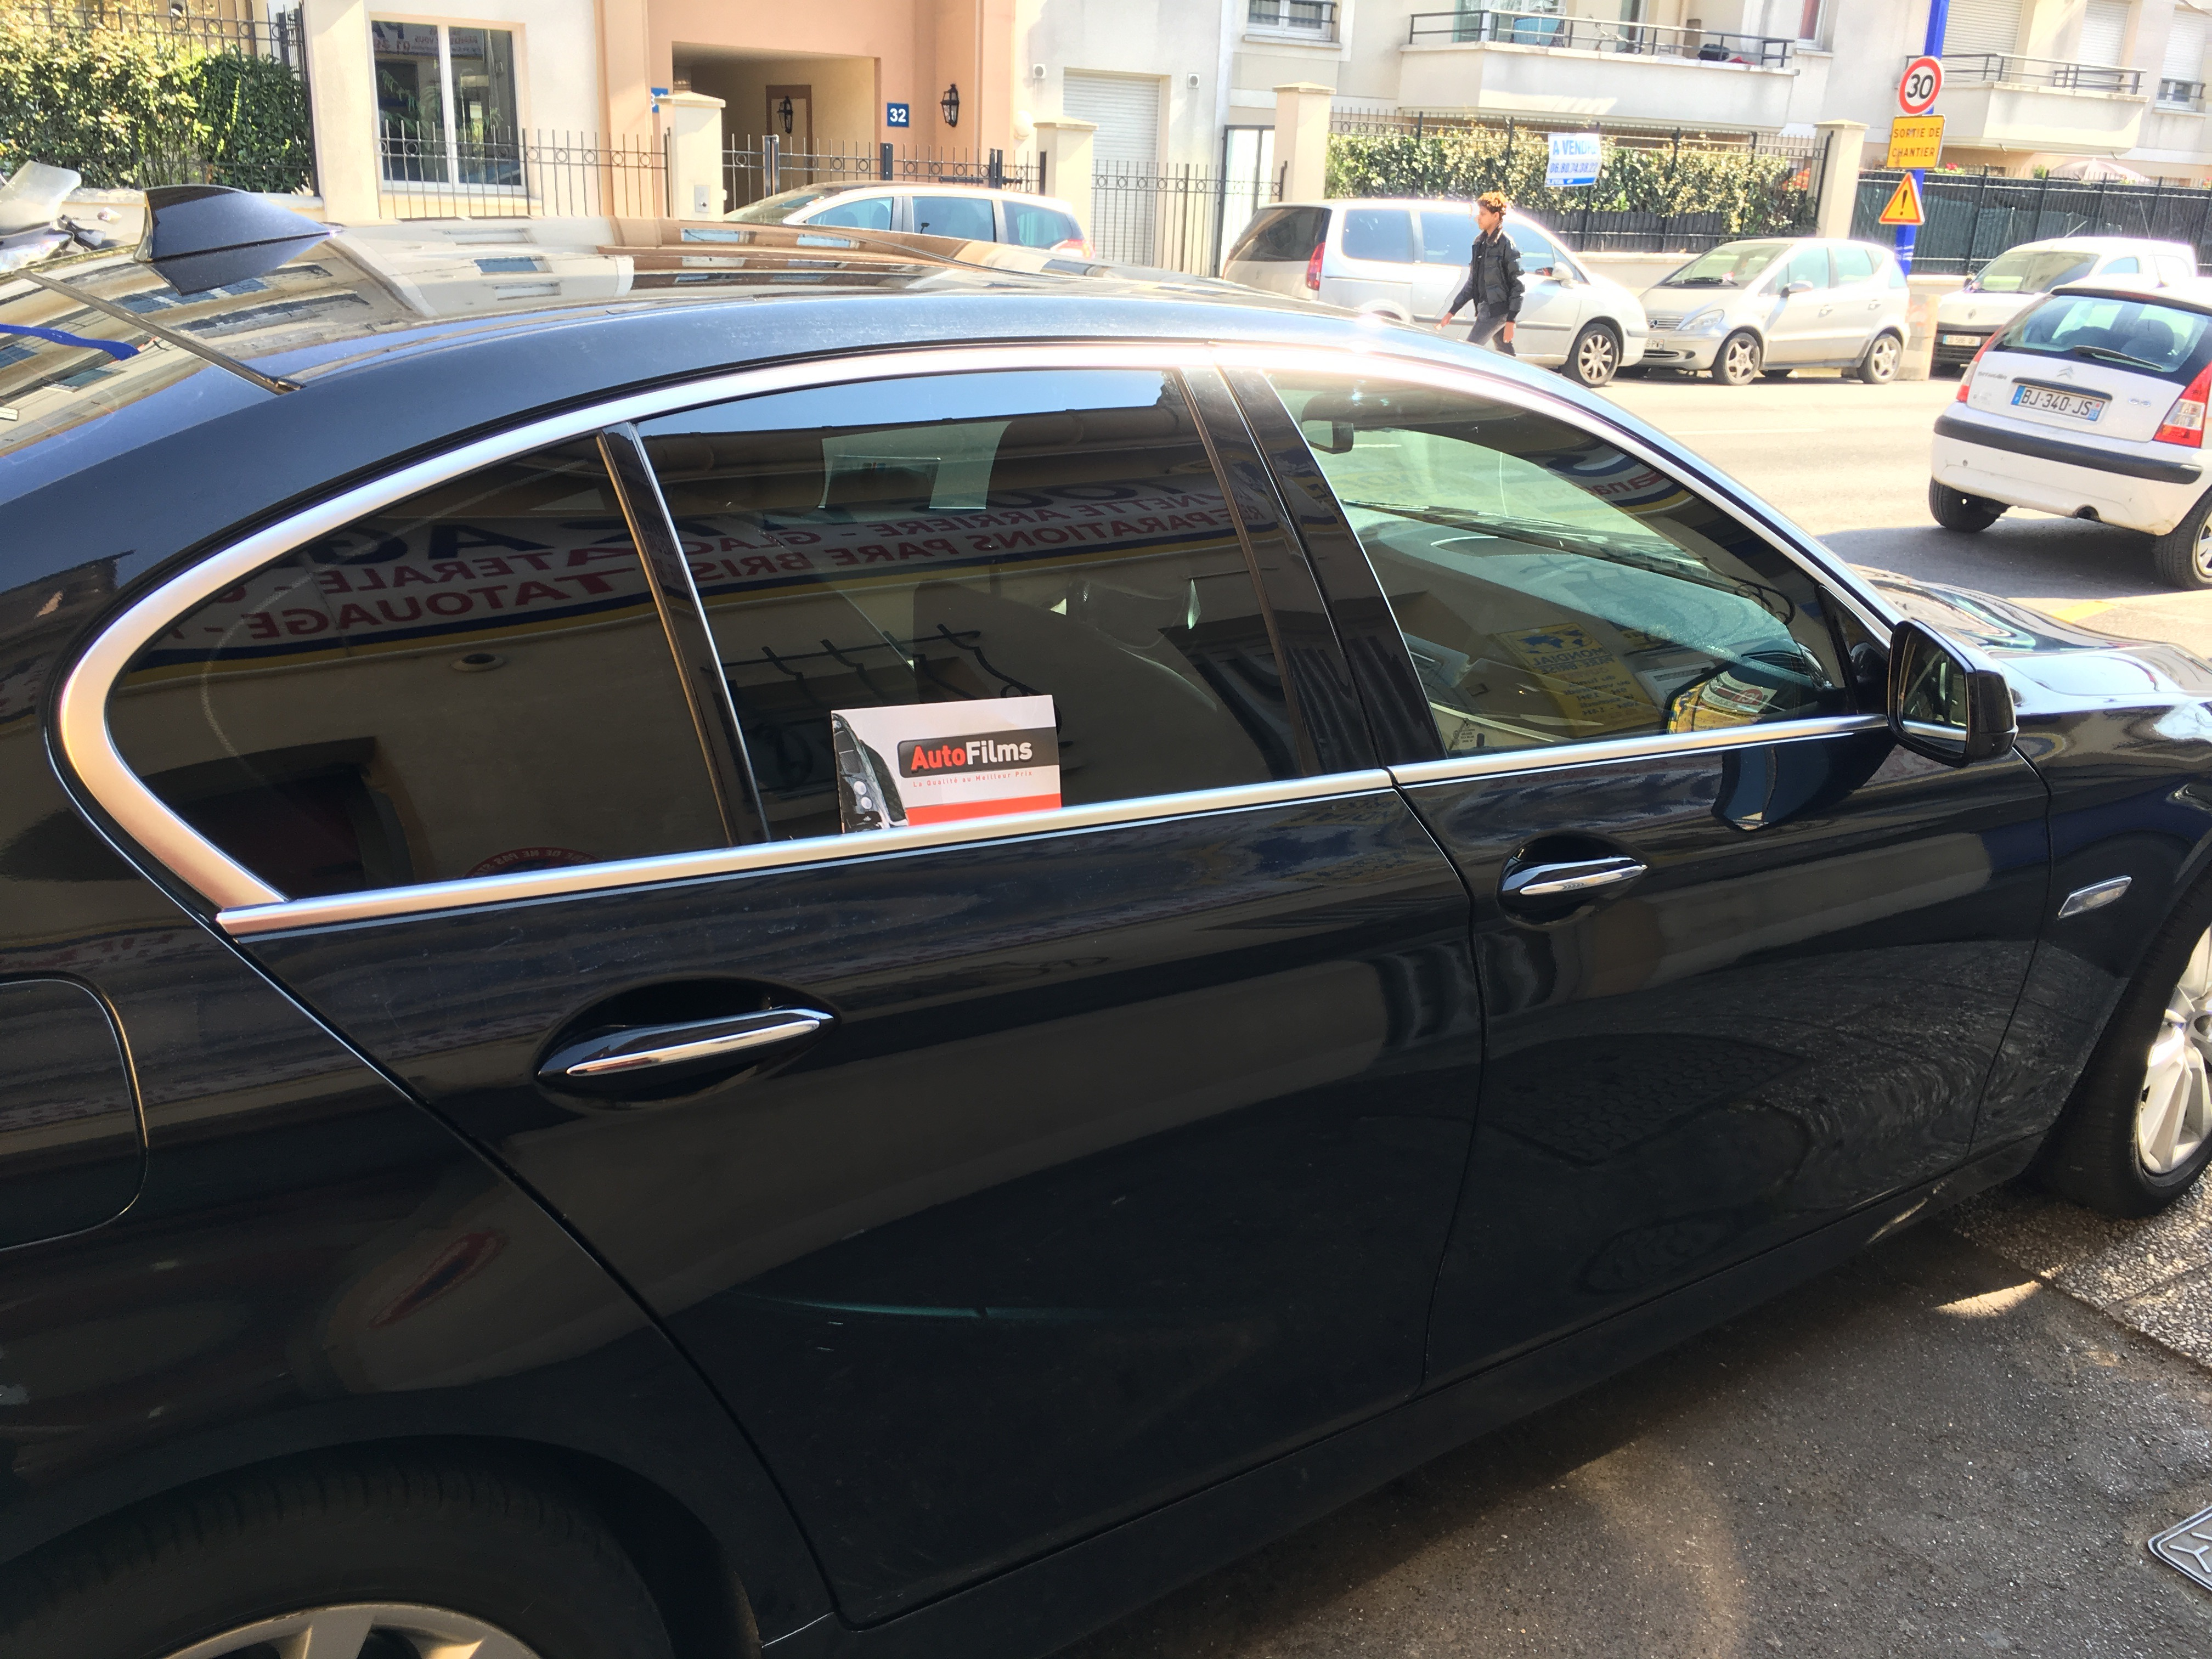 img 2686 vitre teint e automobile pose vitres teint es pour voiture autofilms sp cialise. Black Bedroom Furniture Sets. Home Design Ideas